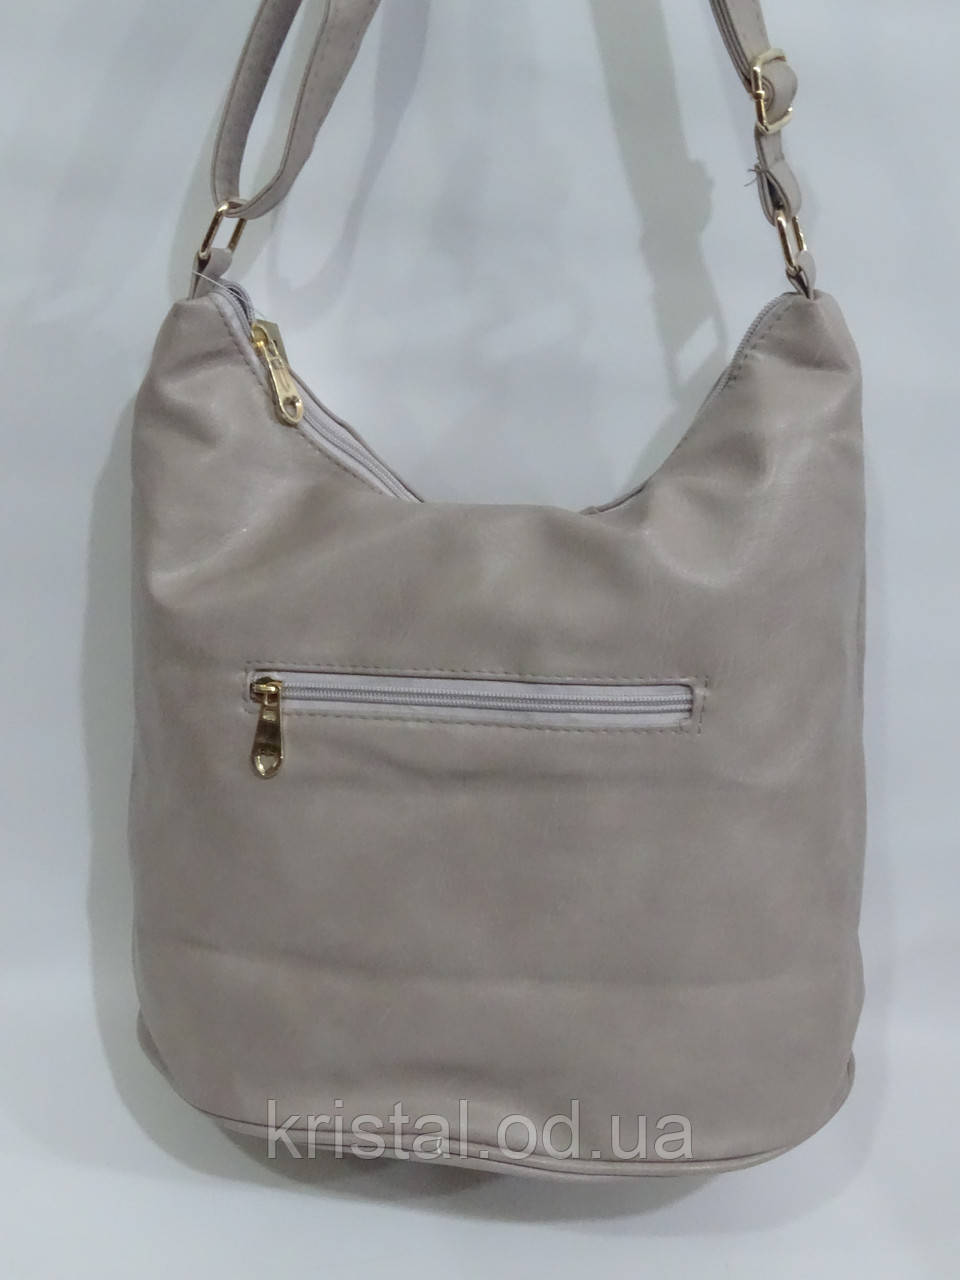 aec5057b3abf Женская сумка 33*29 см серии